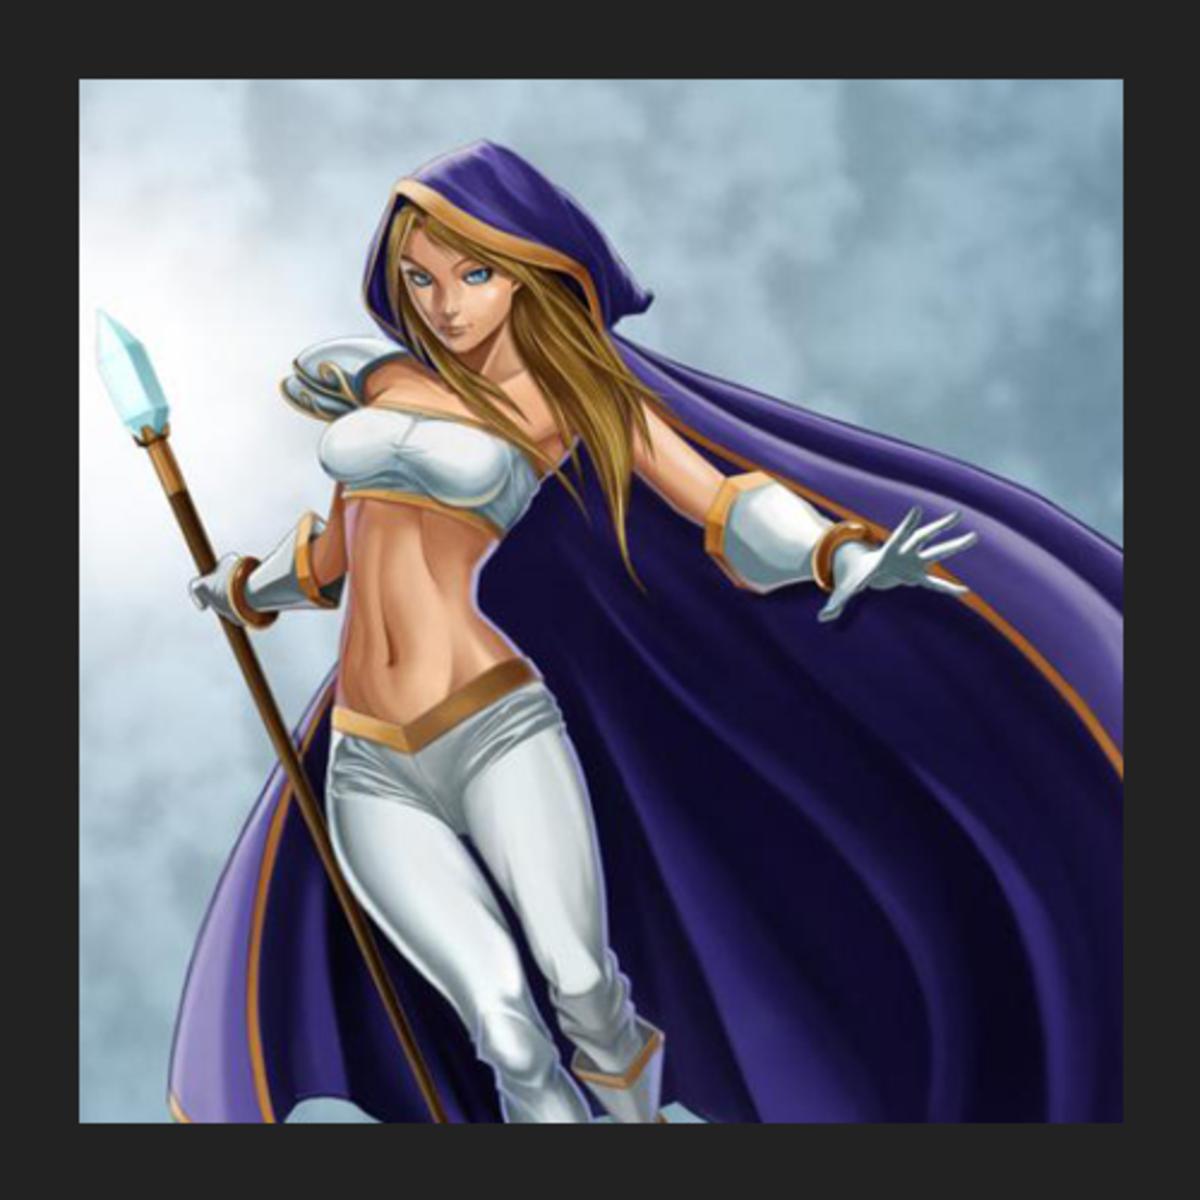 Rylai the Crystal Maiden fan art